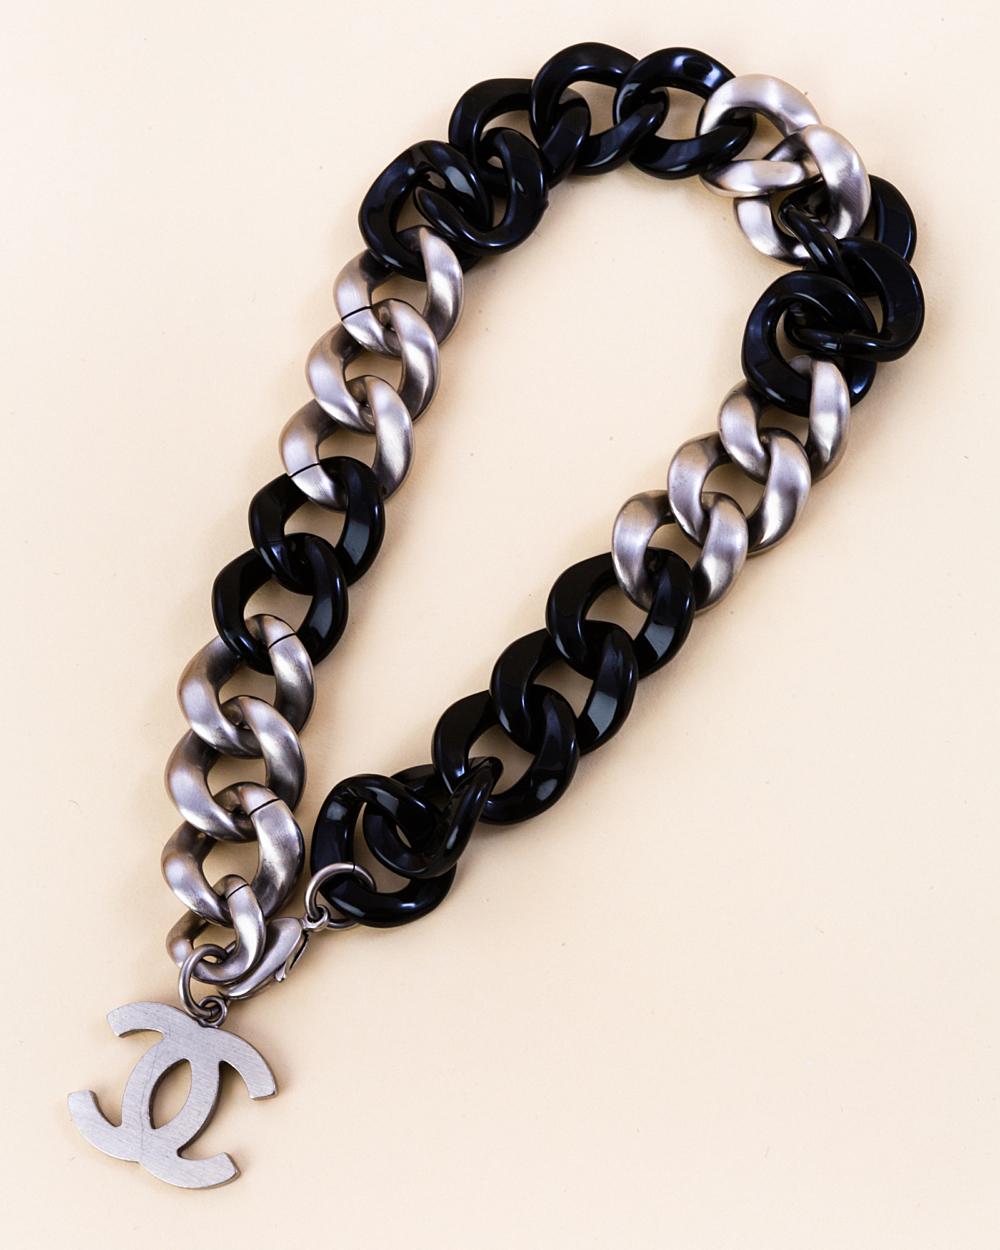 Chanel curb chain